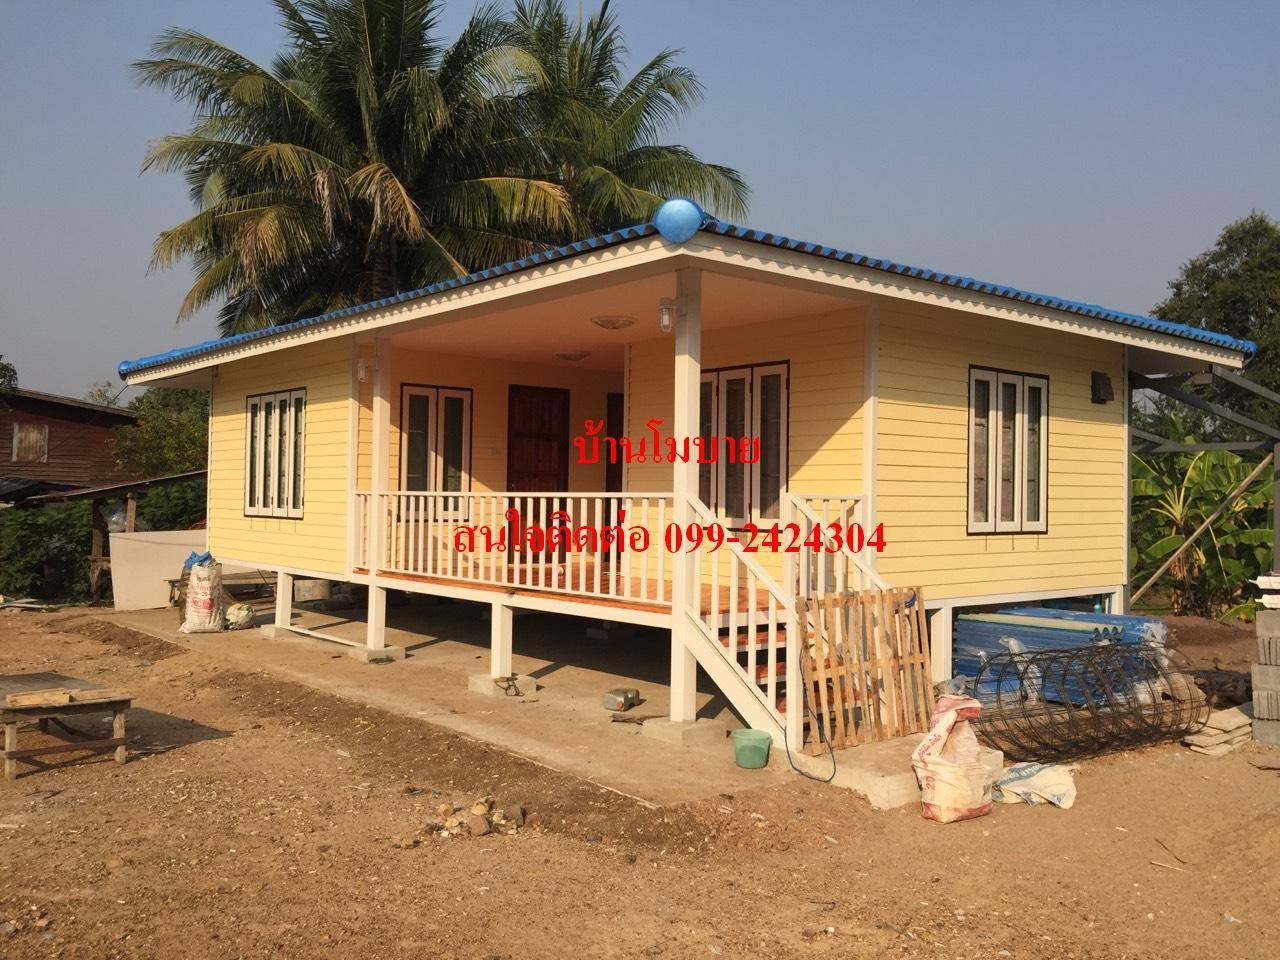 บ้านแฝดขนาด9x6 เมตร จะได้ห้องขนาด4x3เมตร 3ห้อง ห้องน้ำ 2ห้อง หลังคาทรงปั้นหยาคลุมเต็มระเบียงราคาพิเศษเพียง 525,000 บาท